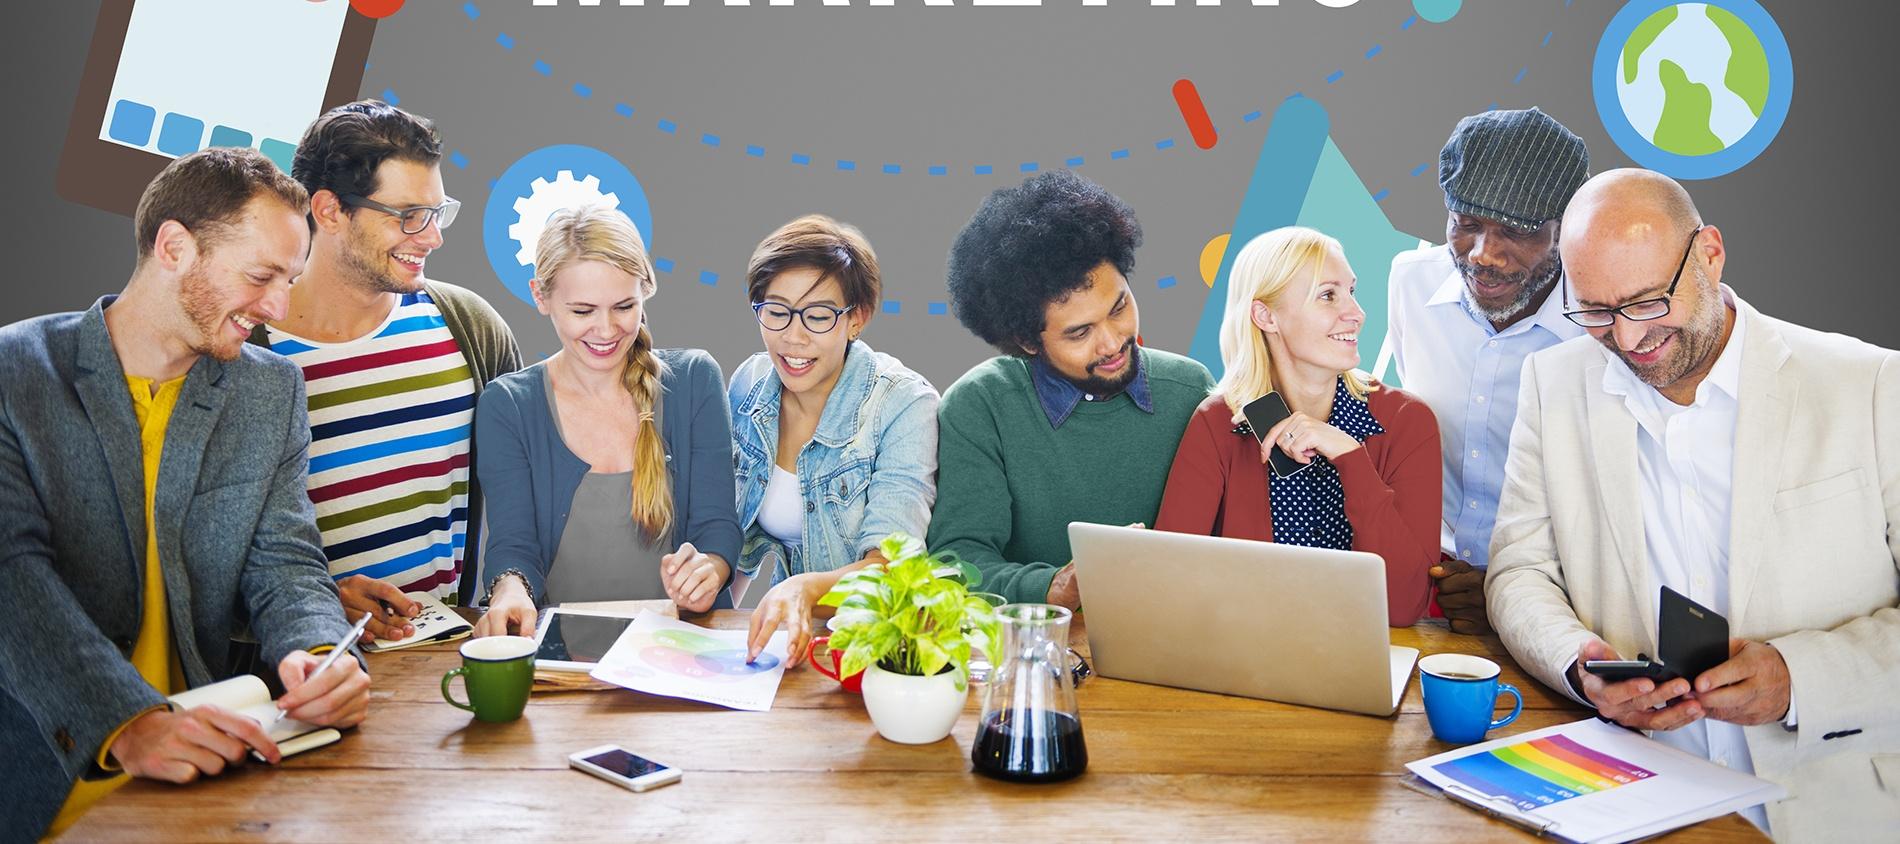 ¿Cómo describirías la relación entre marketing y ventas de tu empresa?